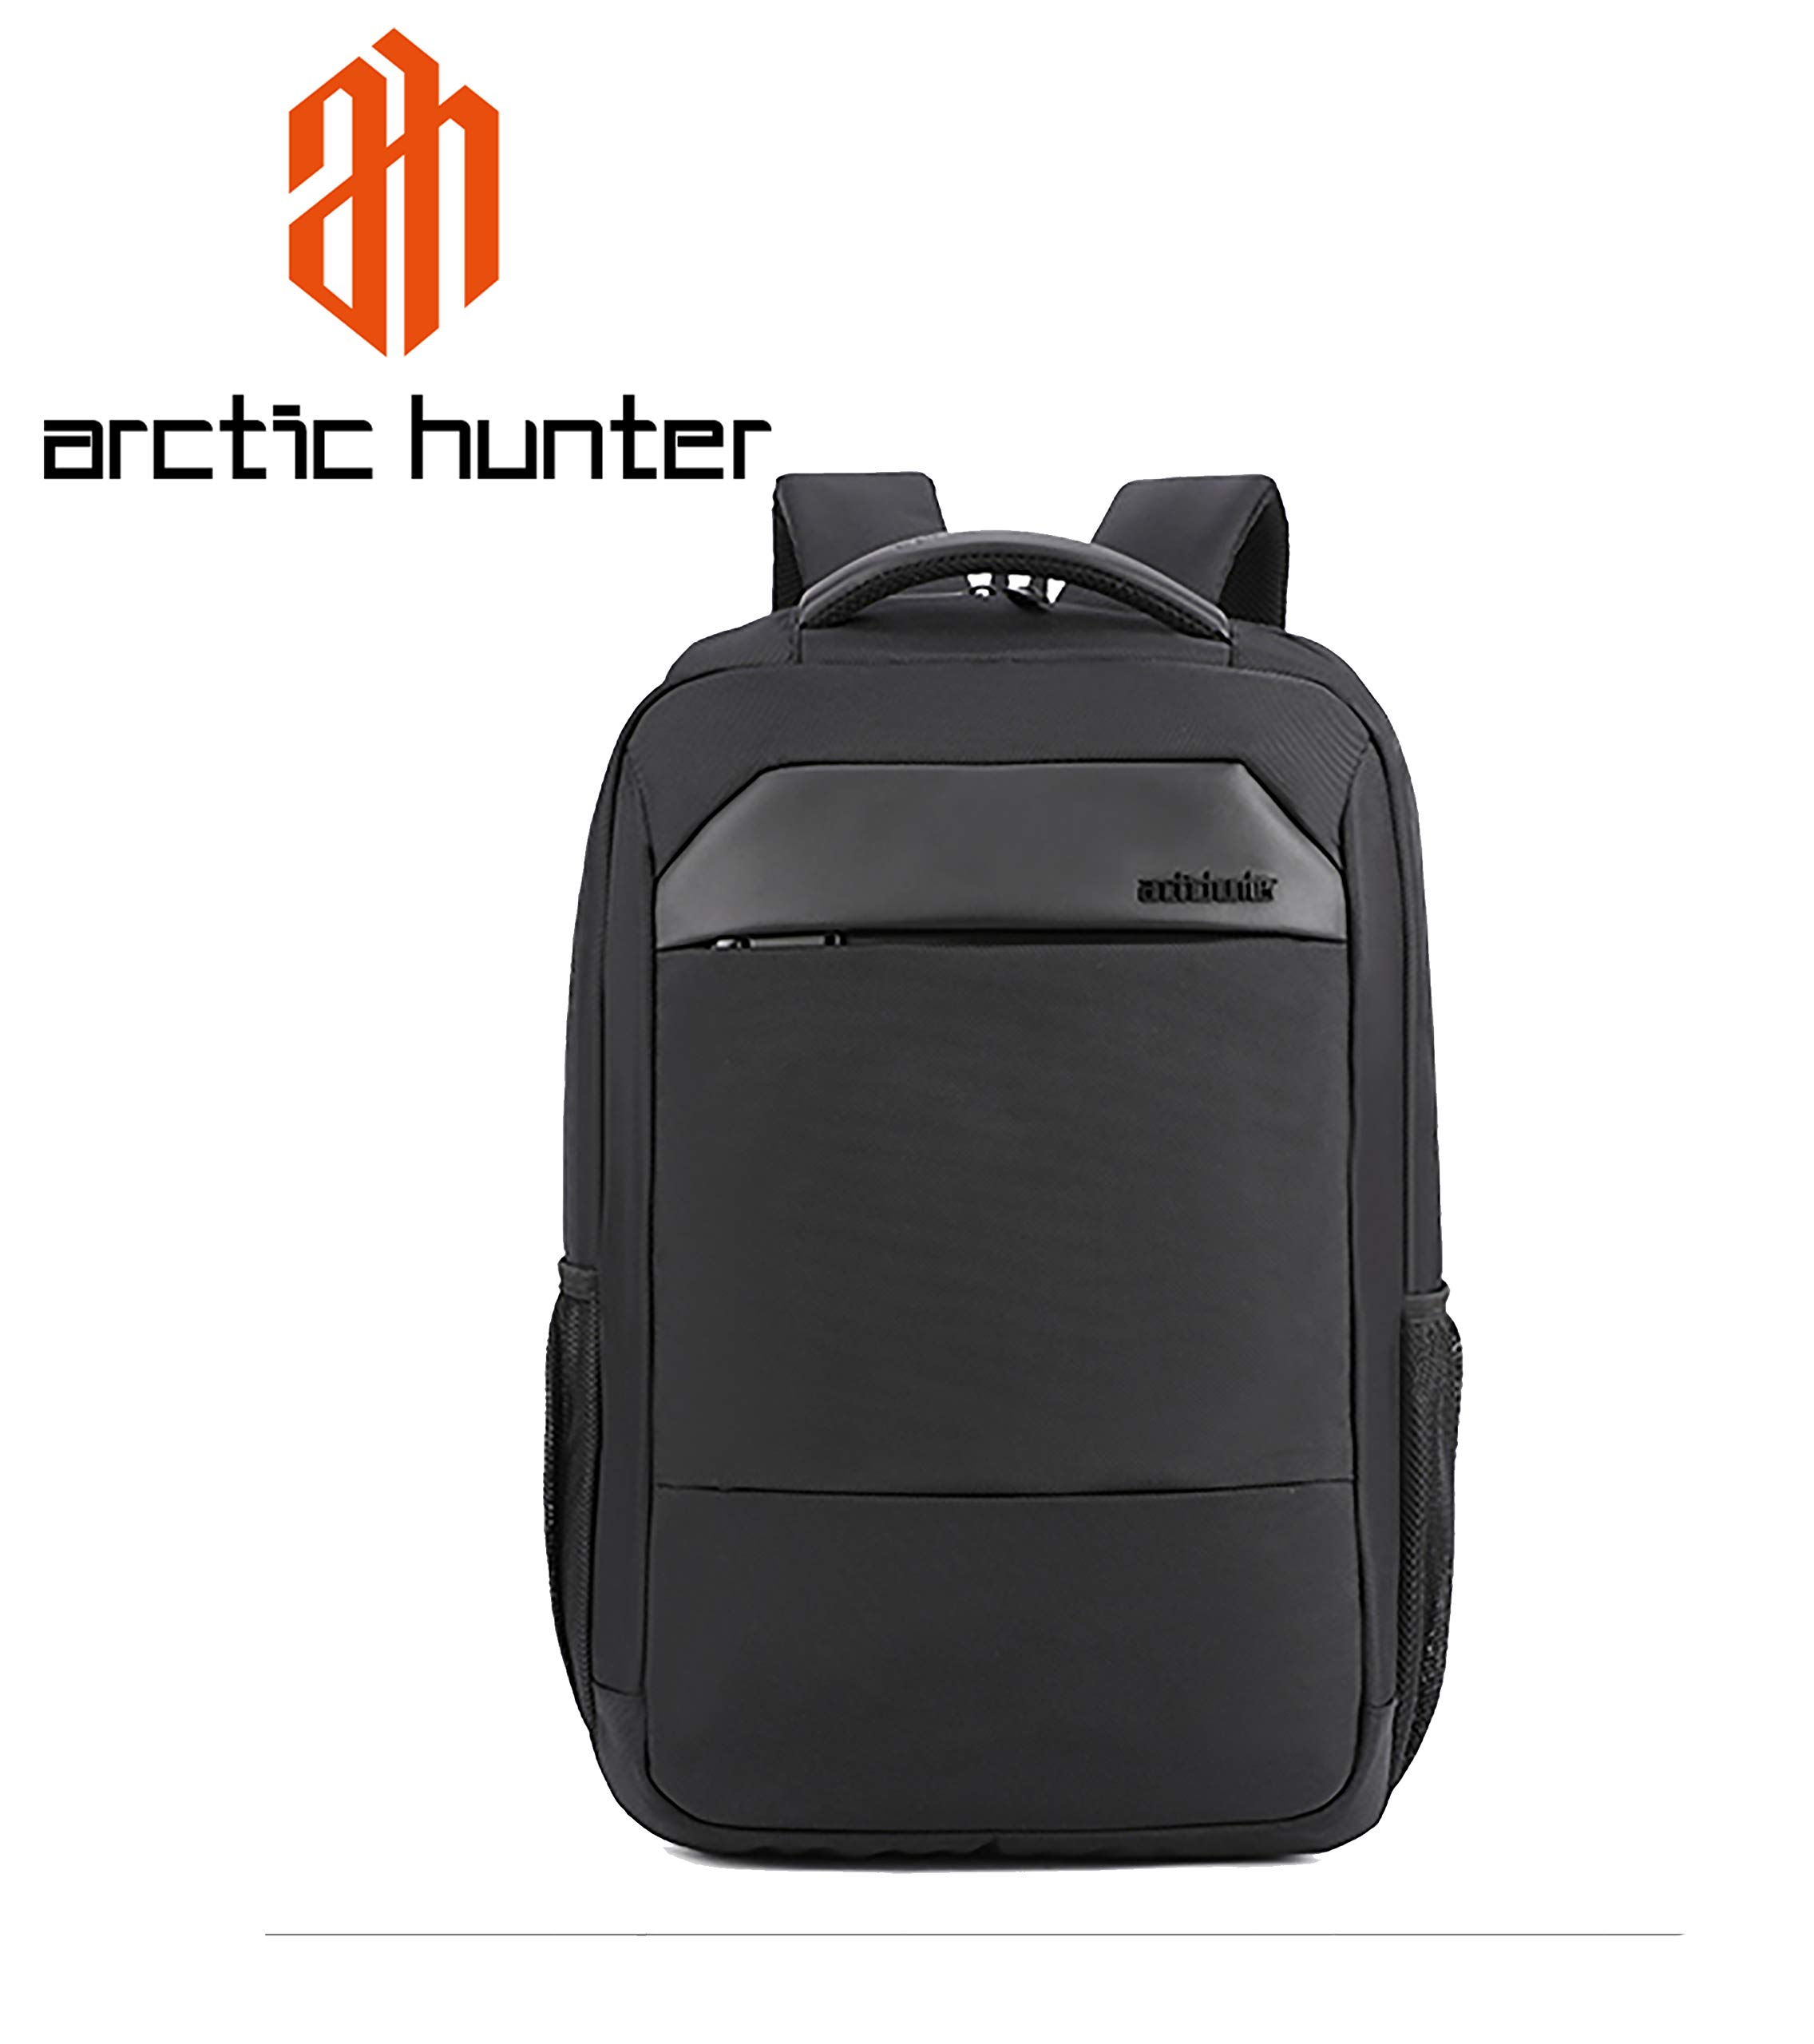 AH Arctic Hunter Slim Laptop Backpack ...